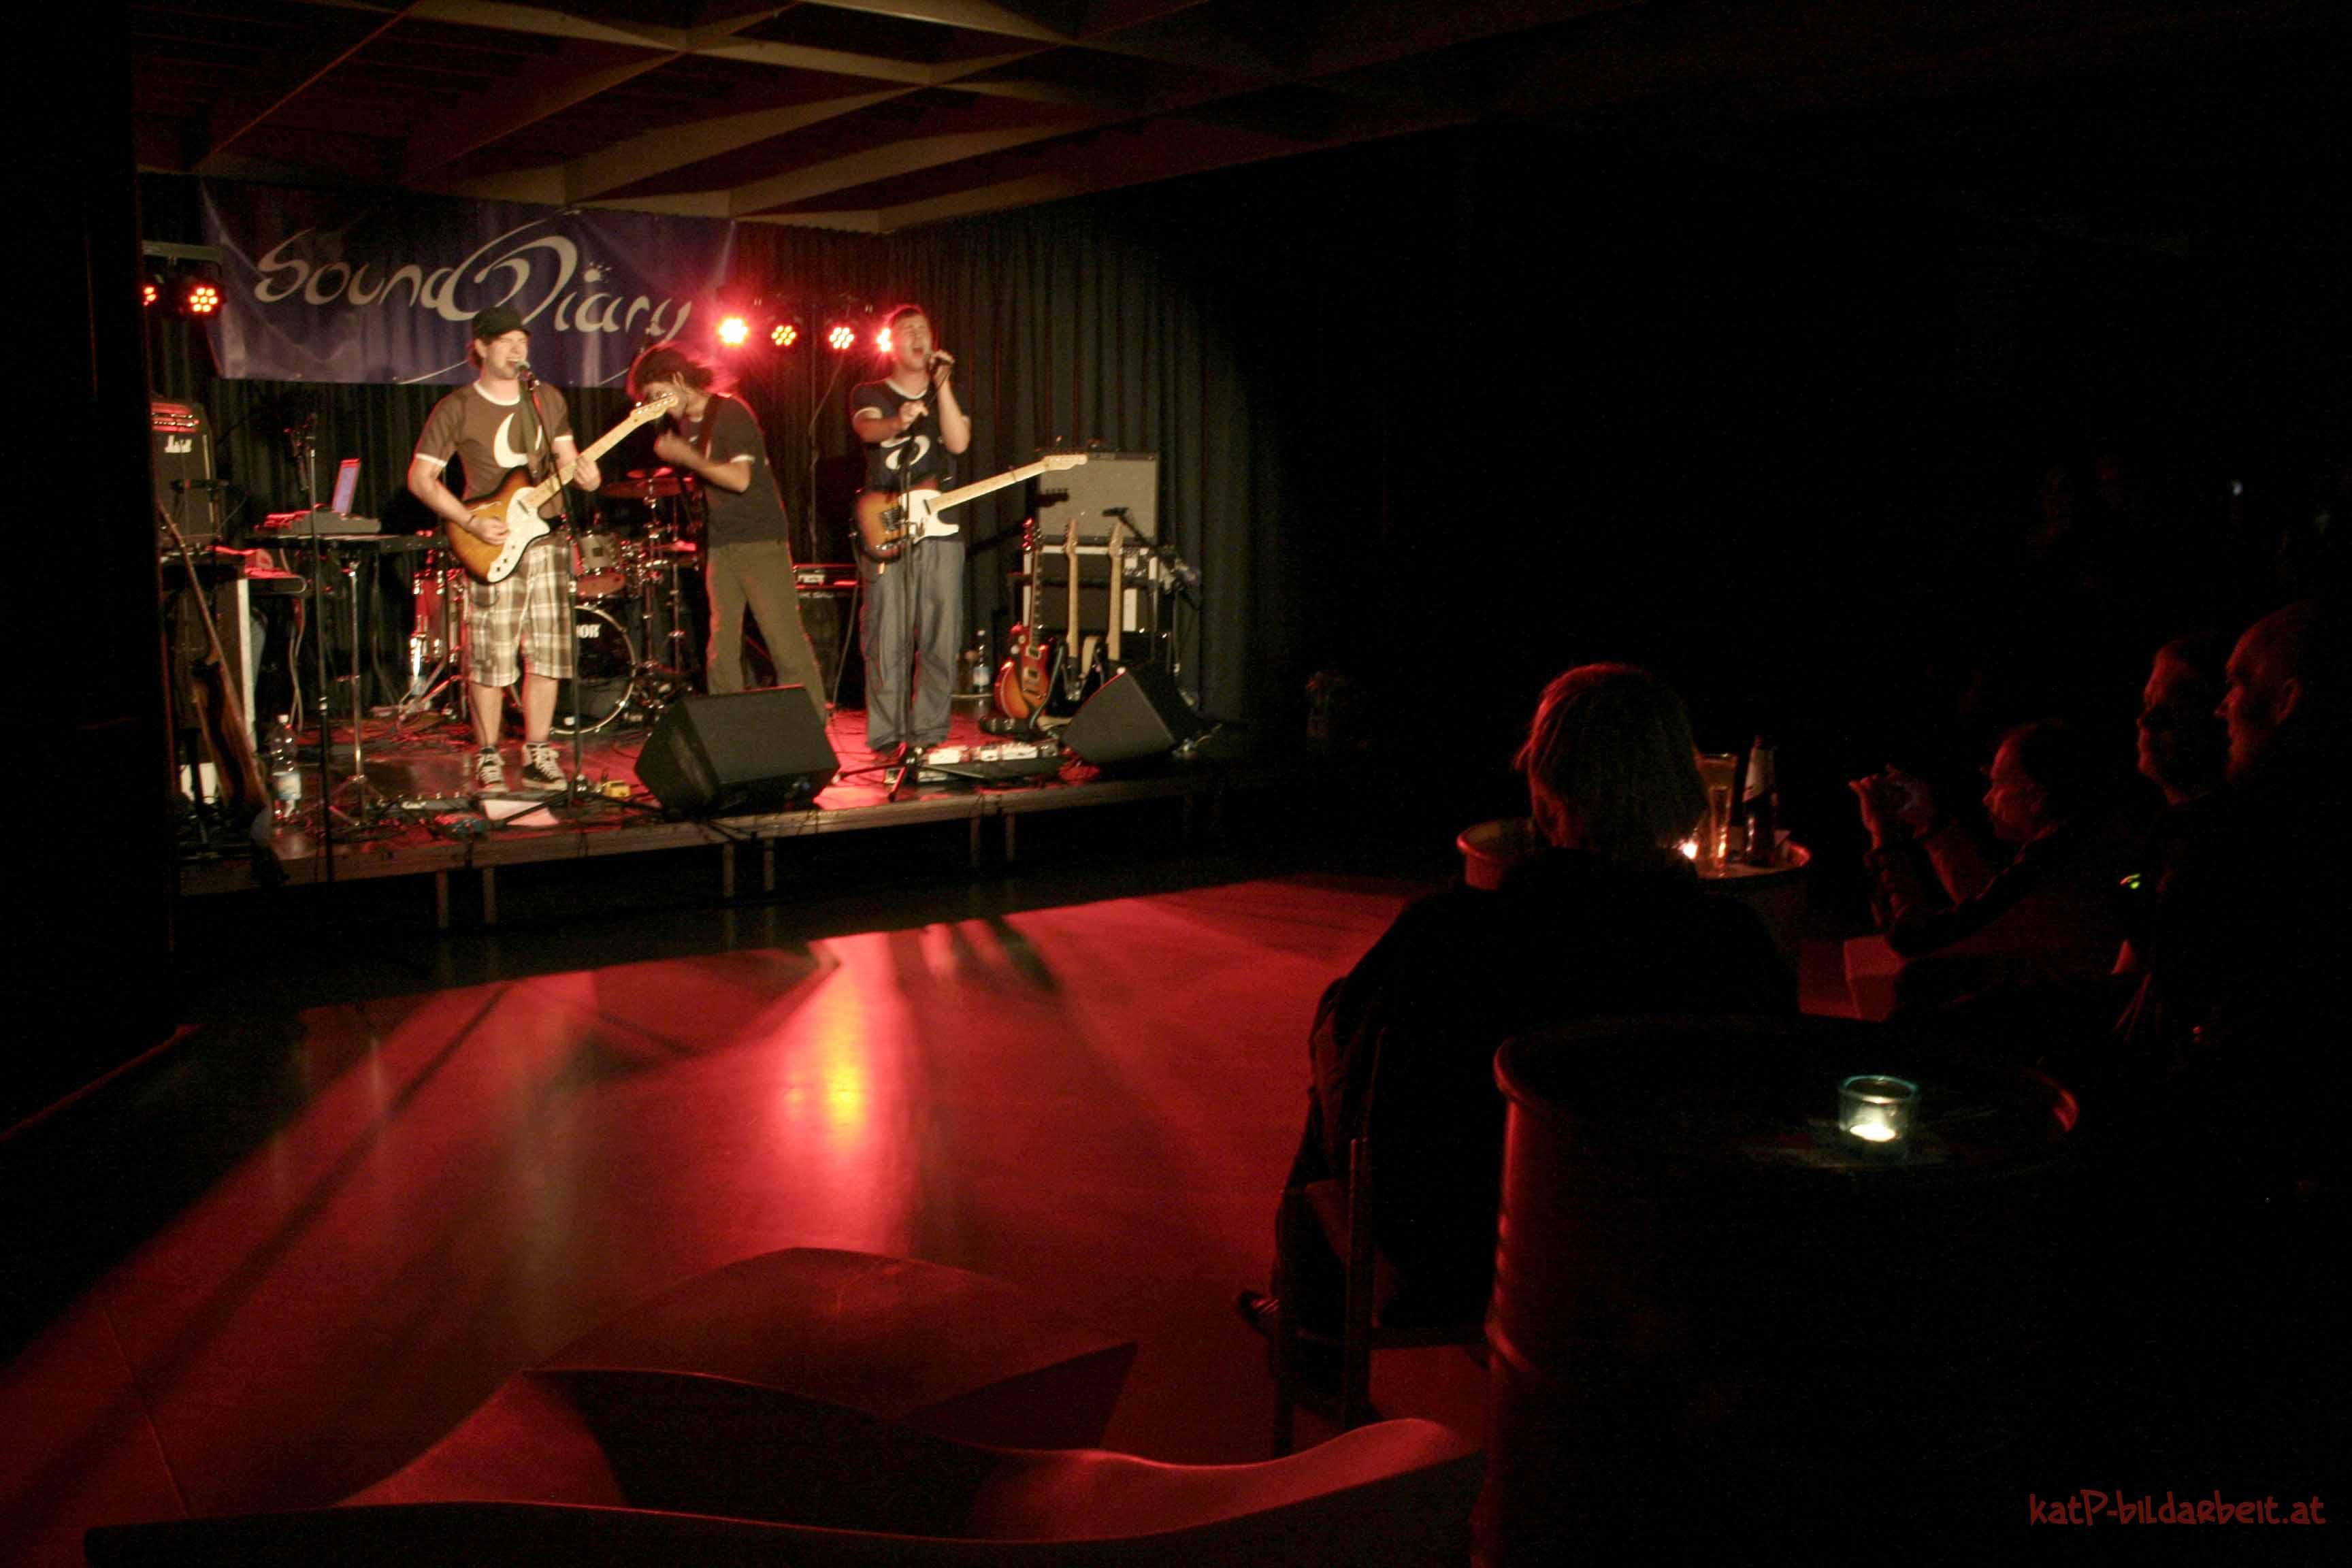 2 2011VoecklabruckStadtsaal Audience SoundDiary by katP.jpg